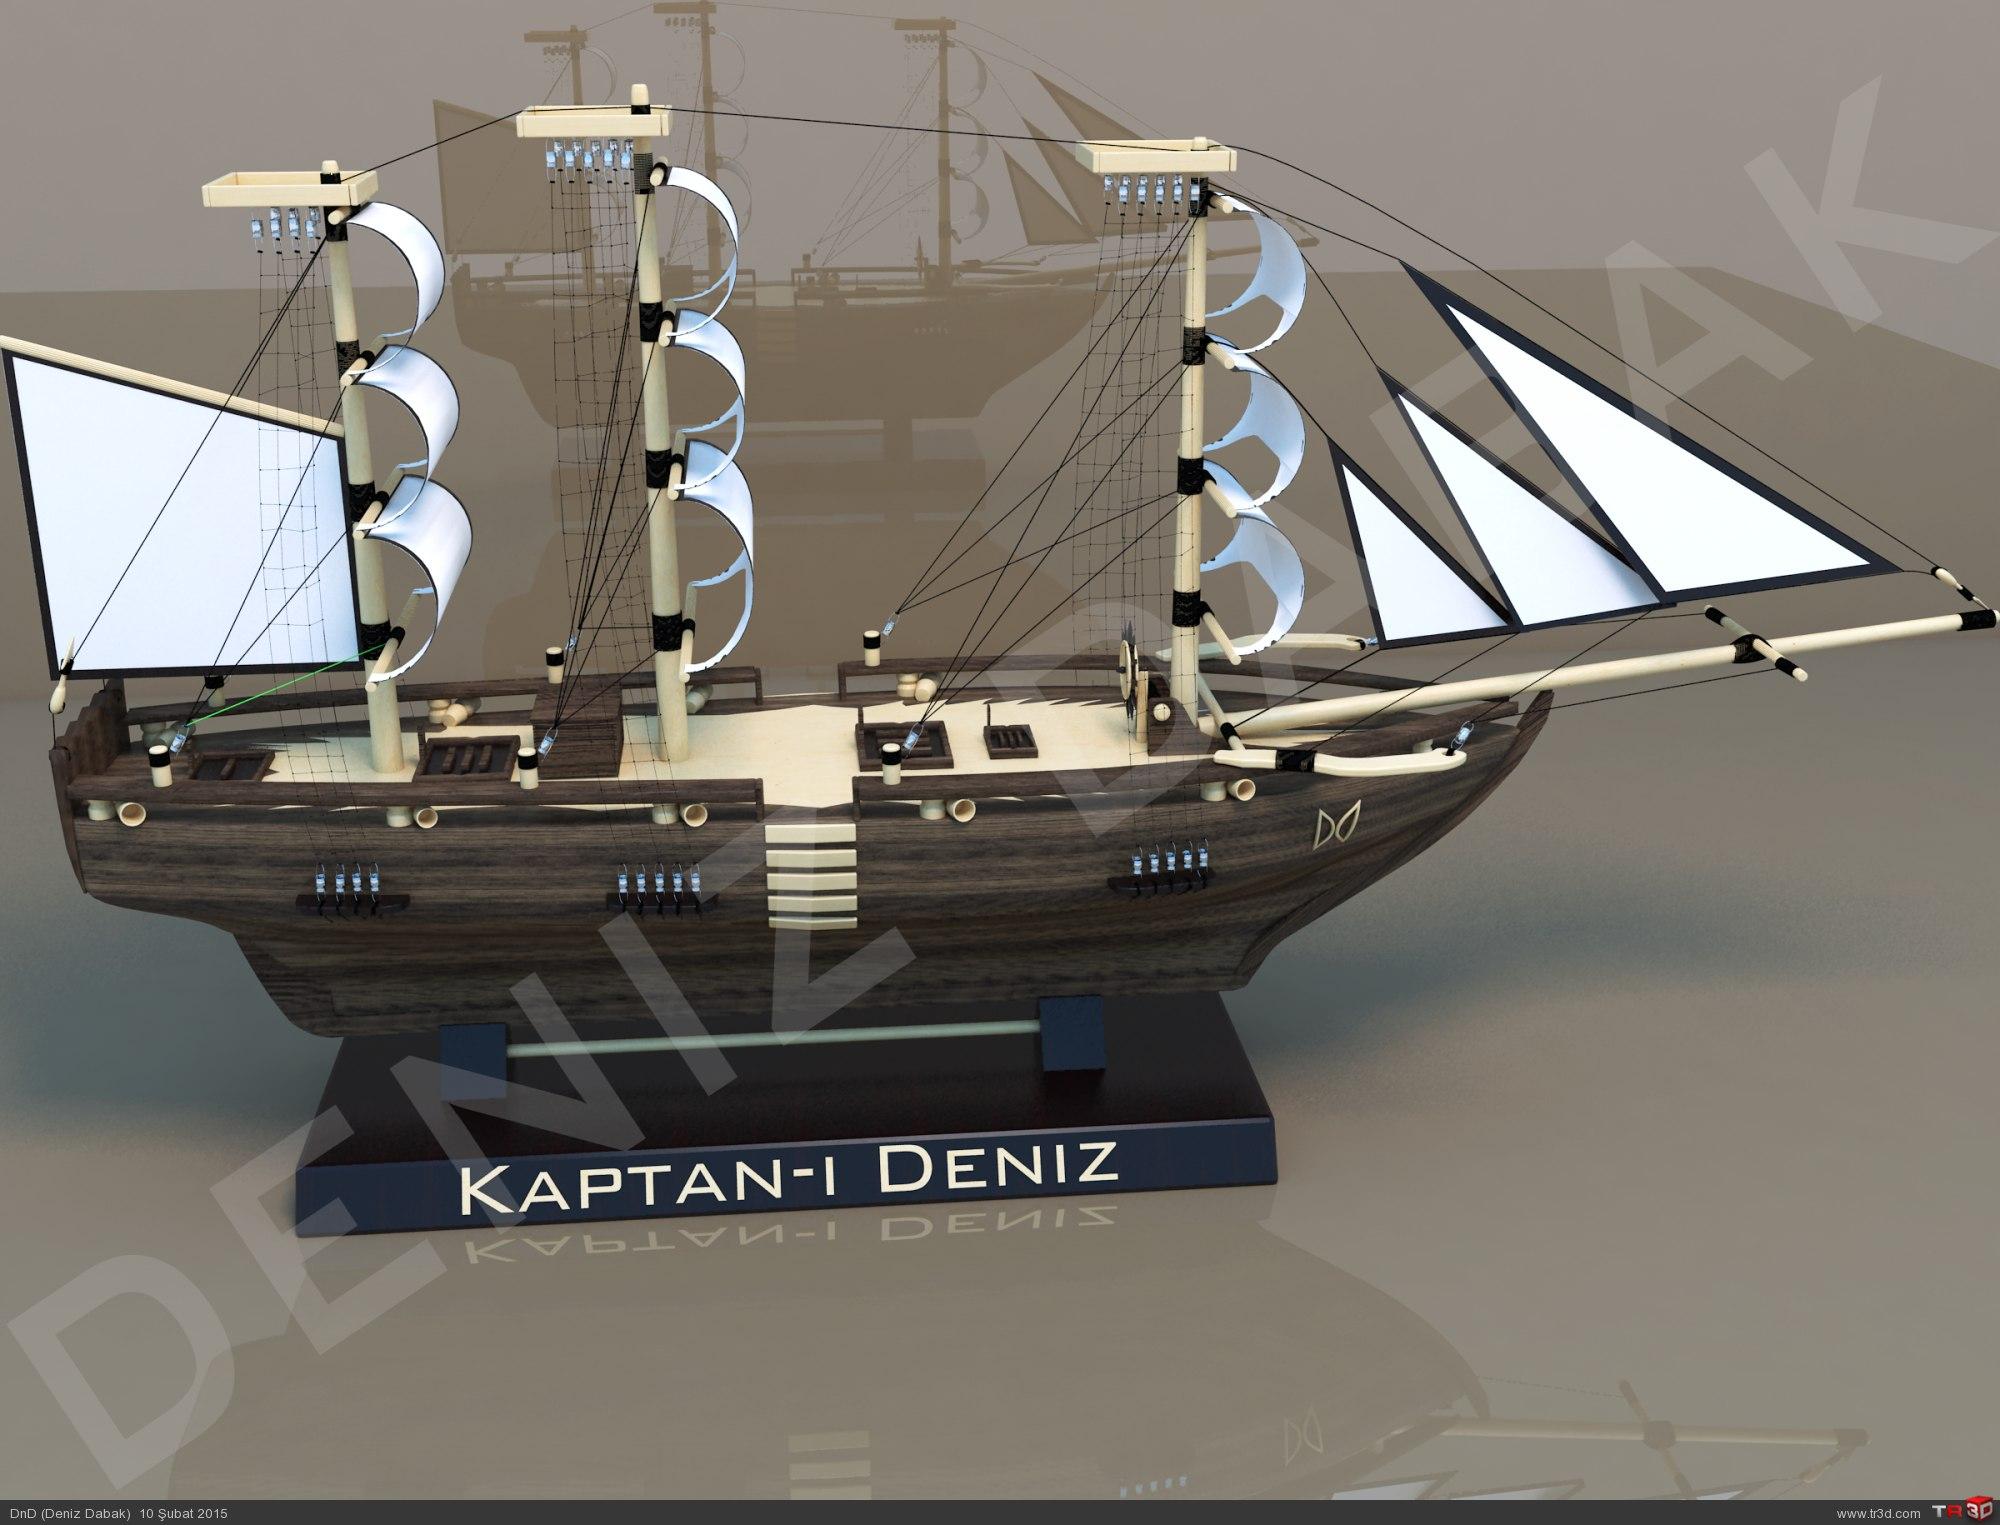 Kaptan_ı Deniz